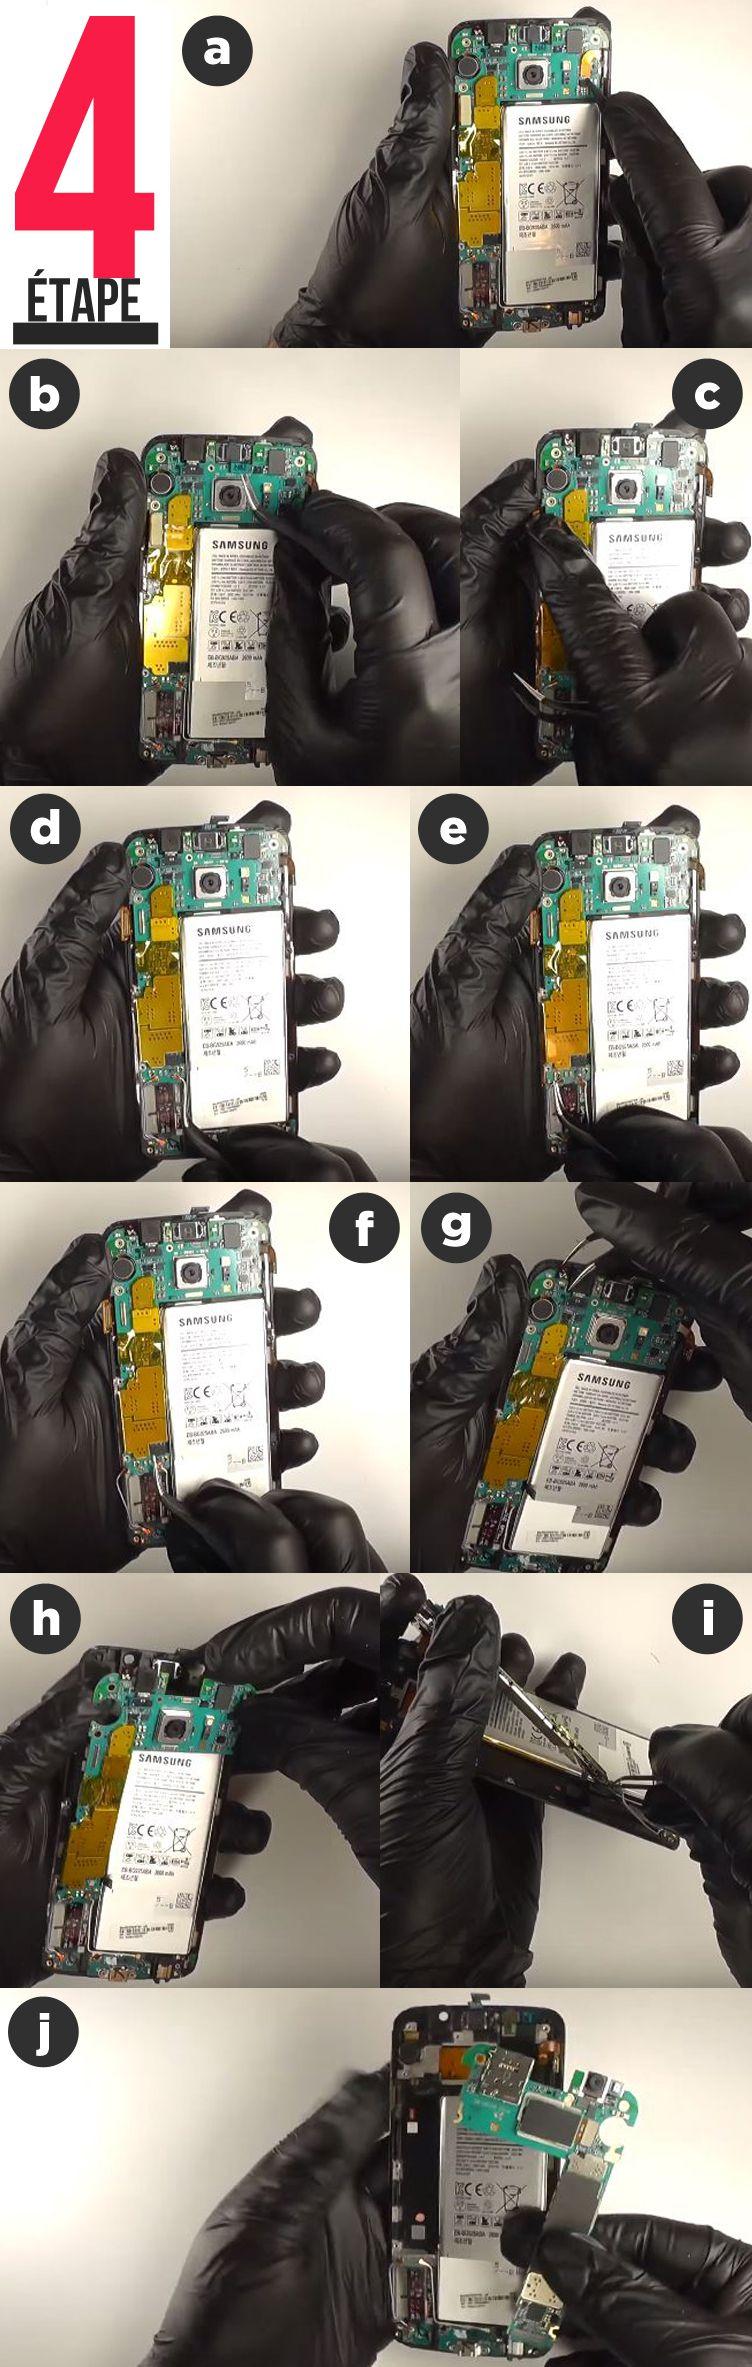 etape 4 Remplacement écran complet Samsung Galaxy S6 Edge dépose carte mère